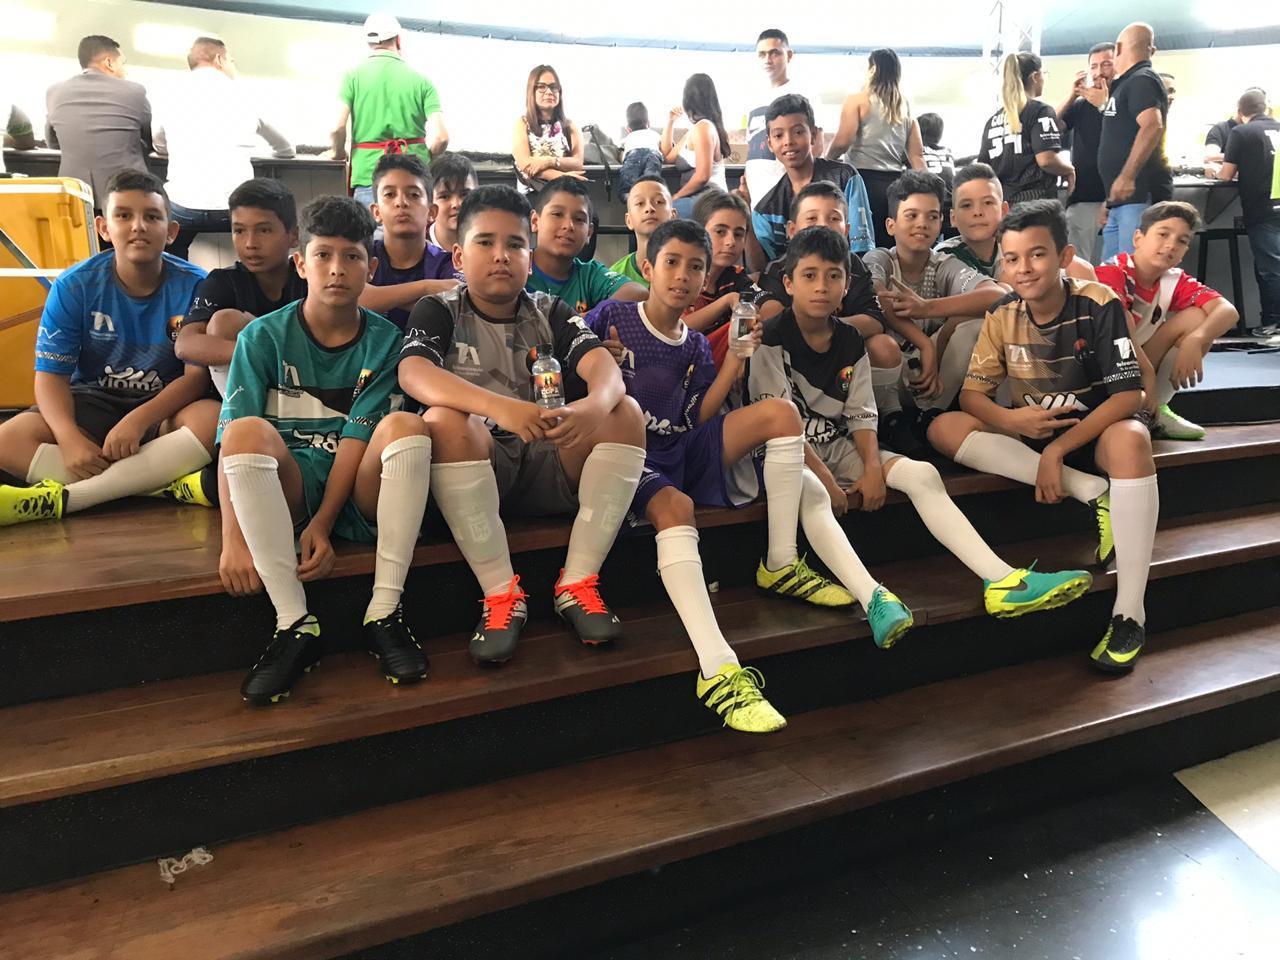 Copa Teleantioquia, Segunda temporada - Teleantioquia